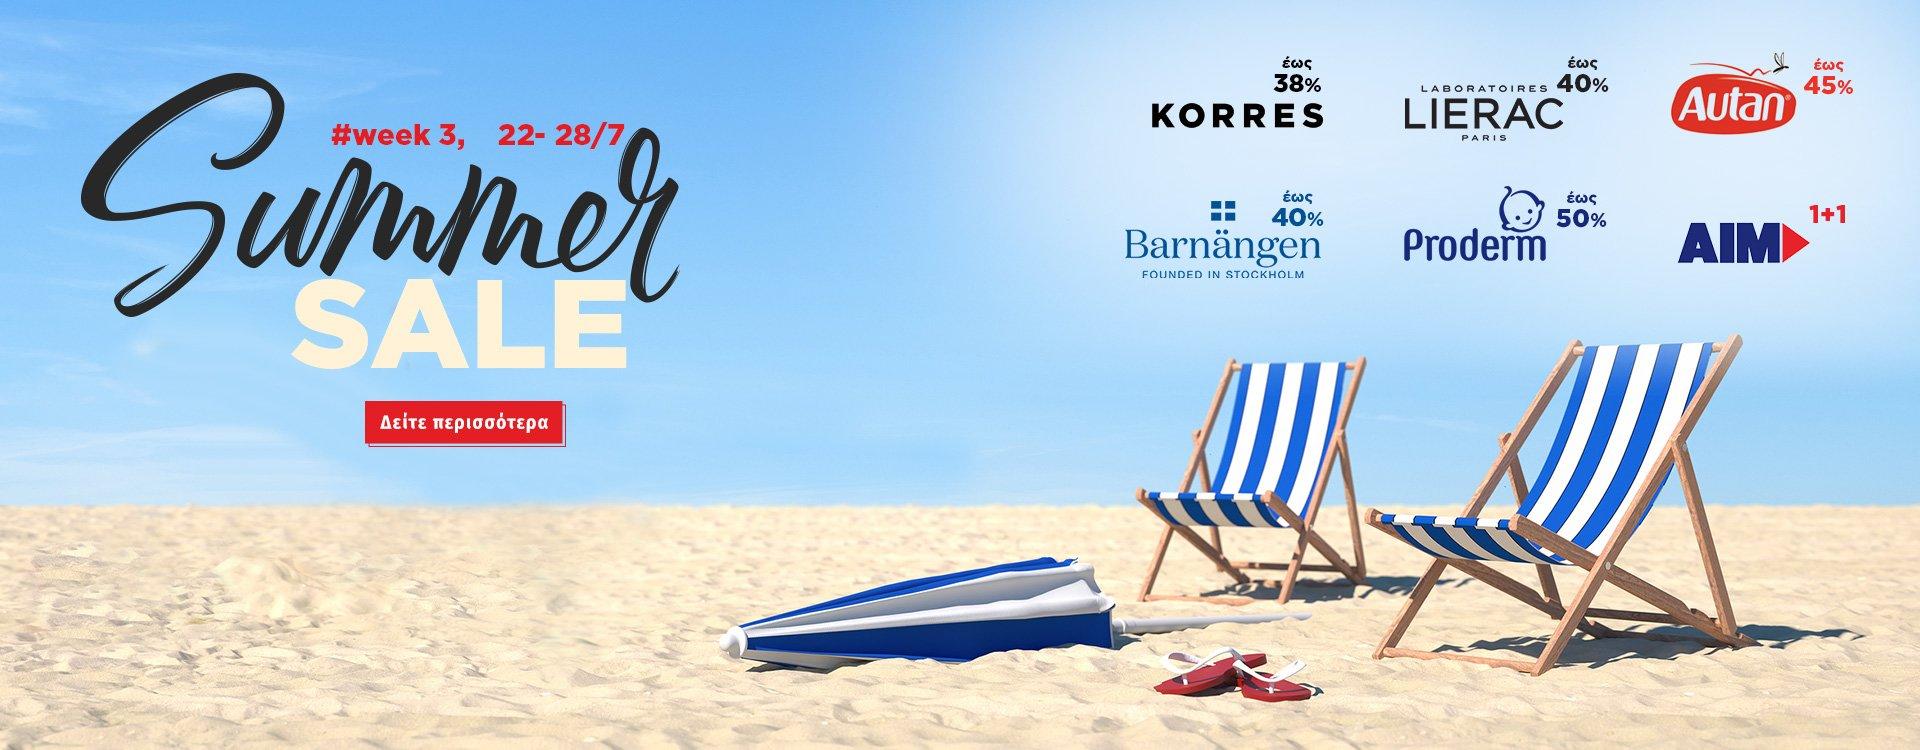 Summer Sales Week 3